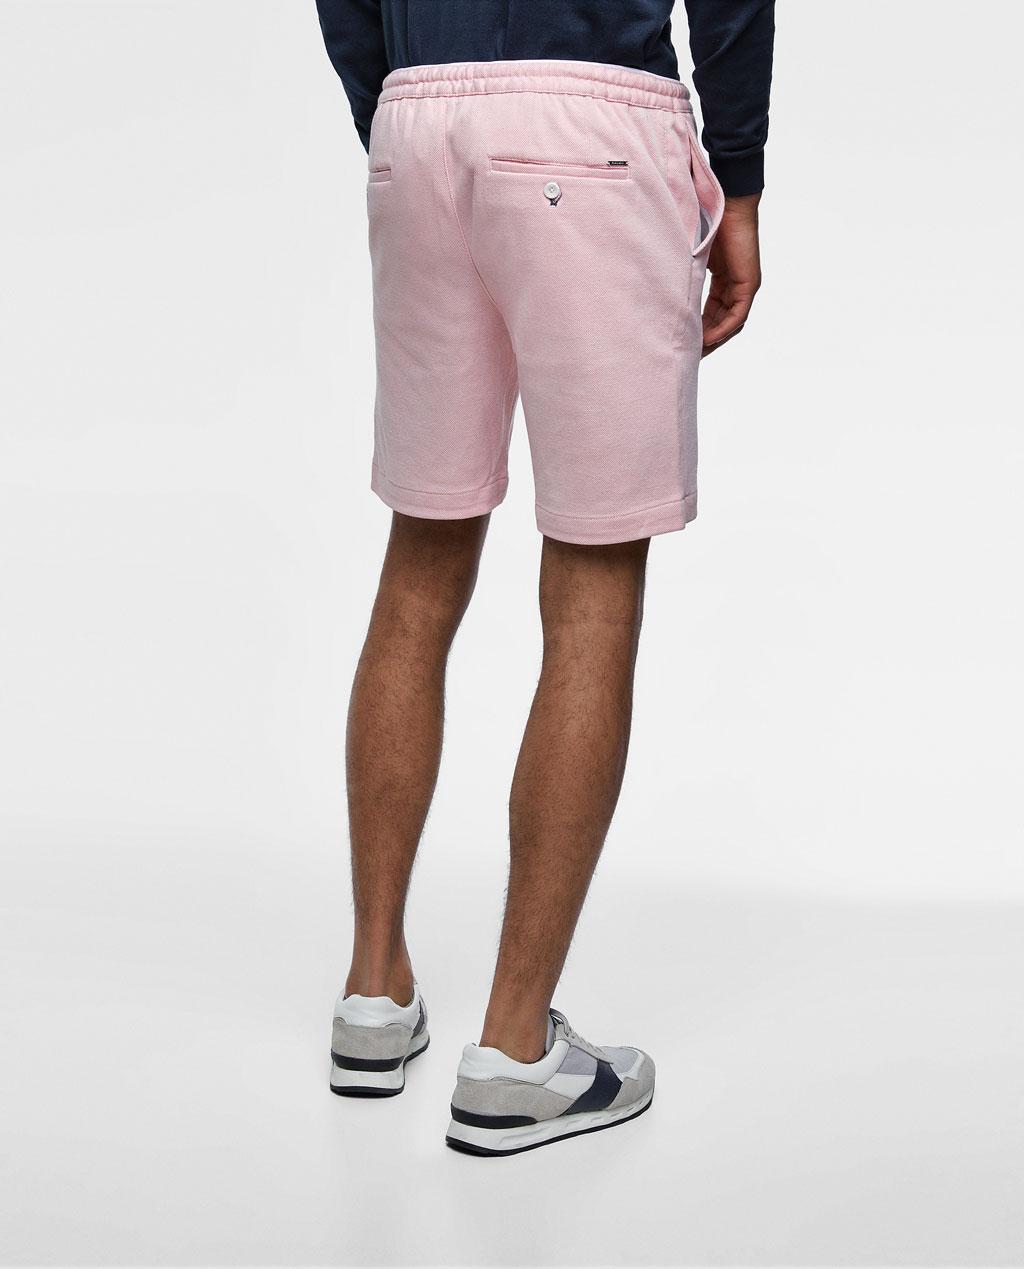 Thời trang nam Zara  24032 - ảnh 5